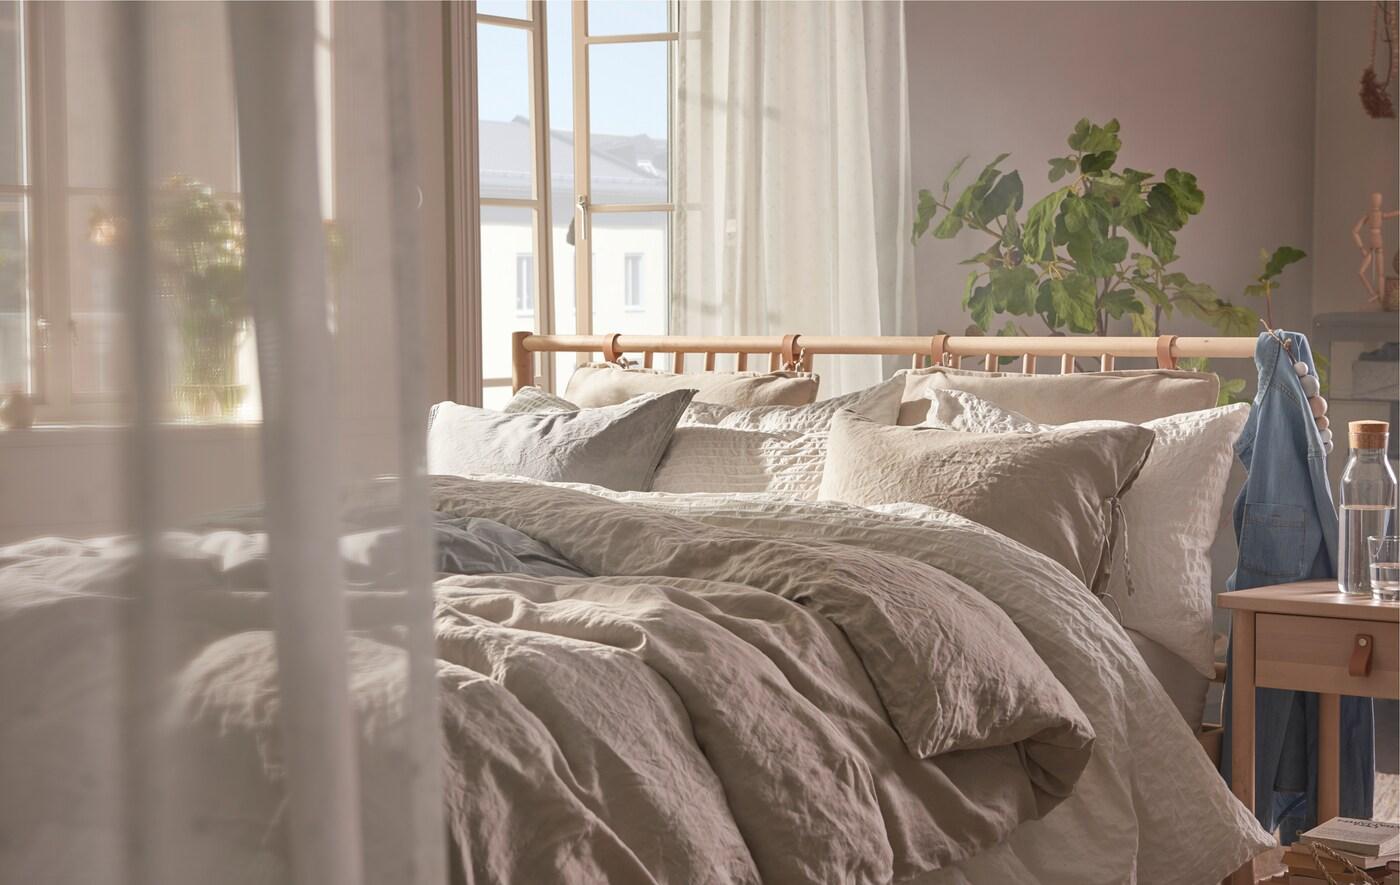 Tende che filtrano la luce e soffici piumoni sono l'abbinamento perfetto per il letto e il comodino BJÖRKSNÄS in betulla - IKEA